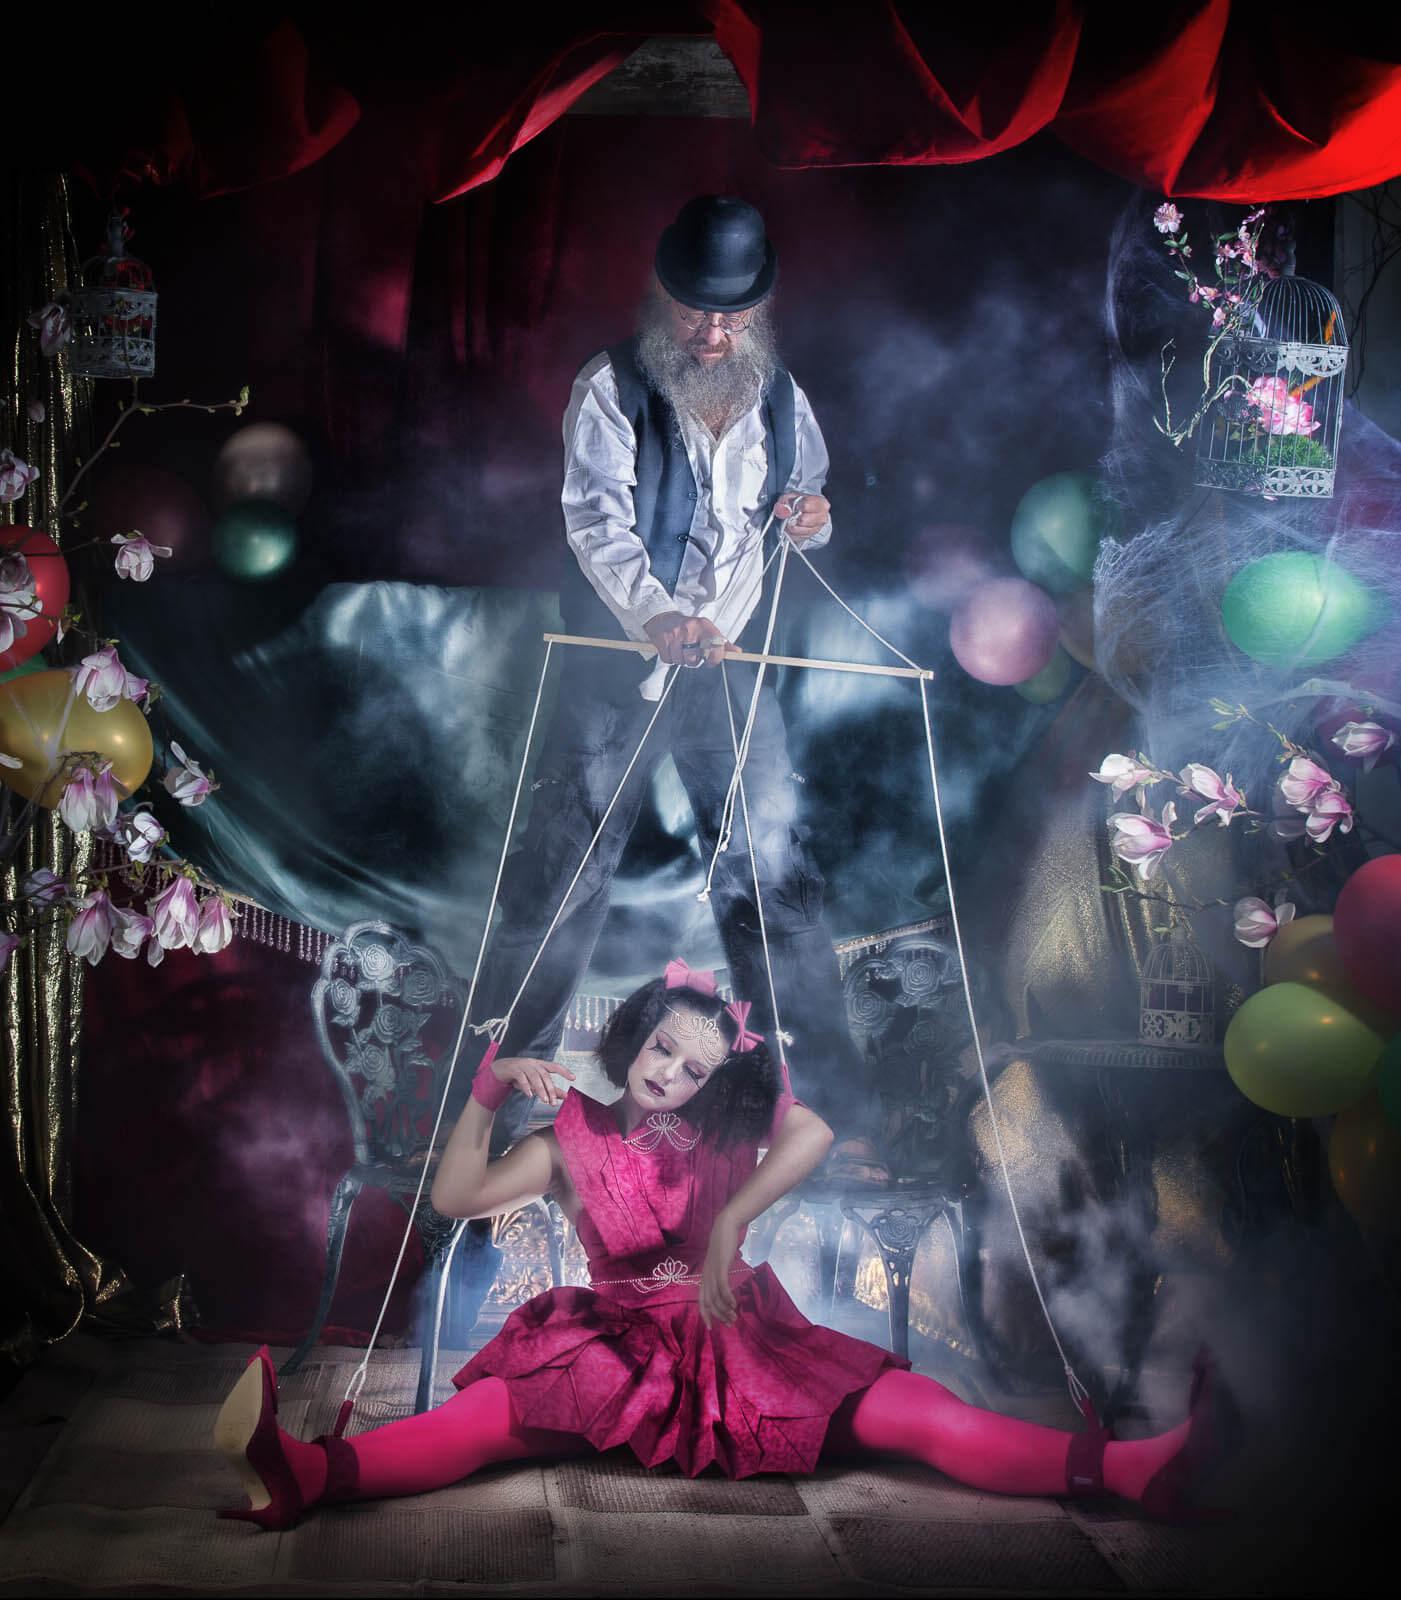 Fotograf-Fotostudio-Dresden-Marionette-Shooting-Theater-Luftballons-Puppenspieler-Kostüm